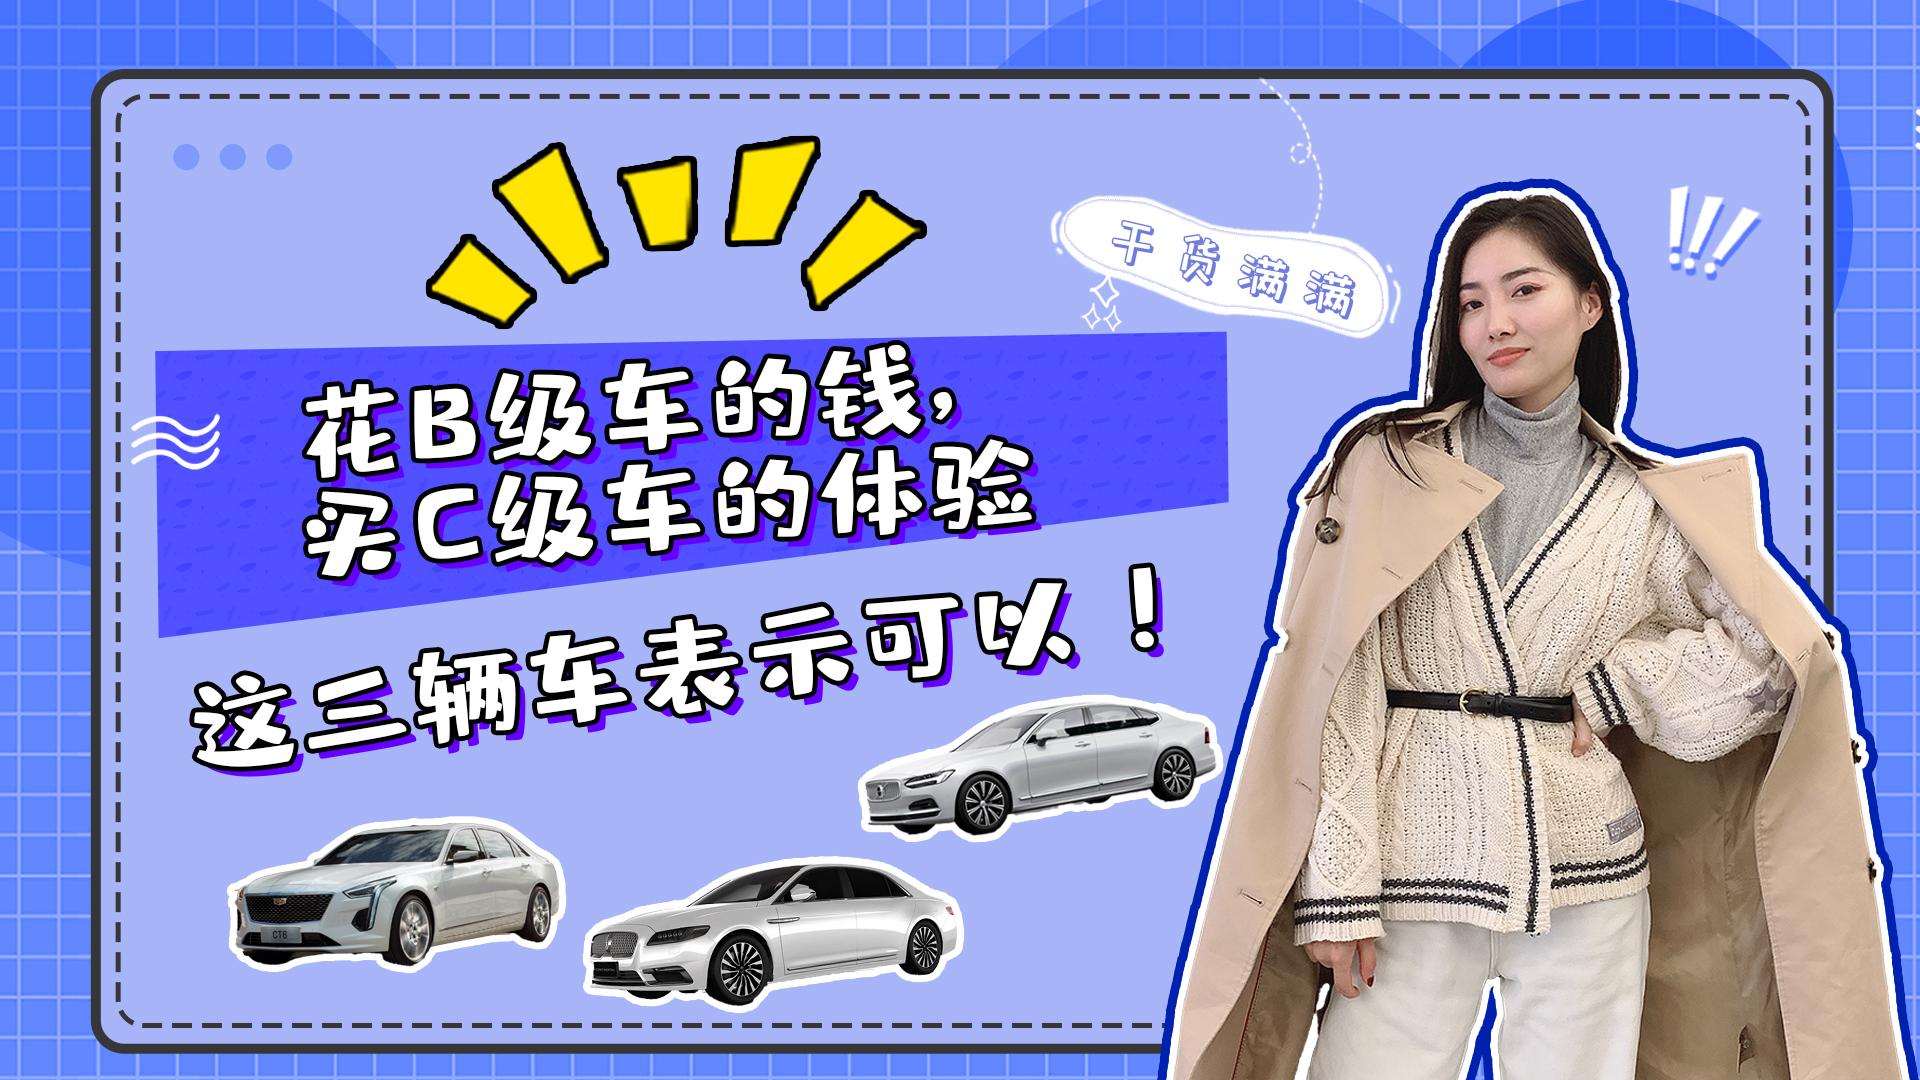 花B级车的钱,买C级车的体验?这三辆车表示可以!视频